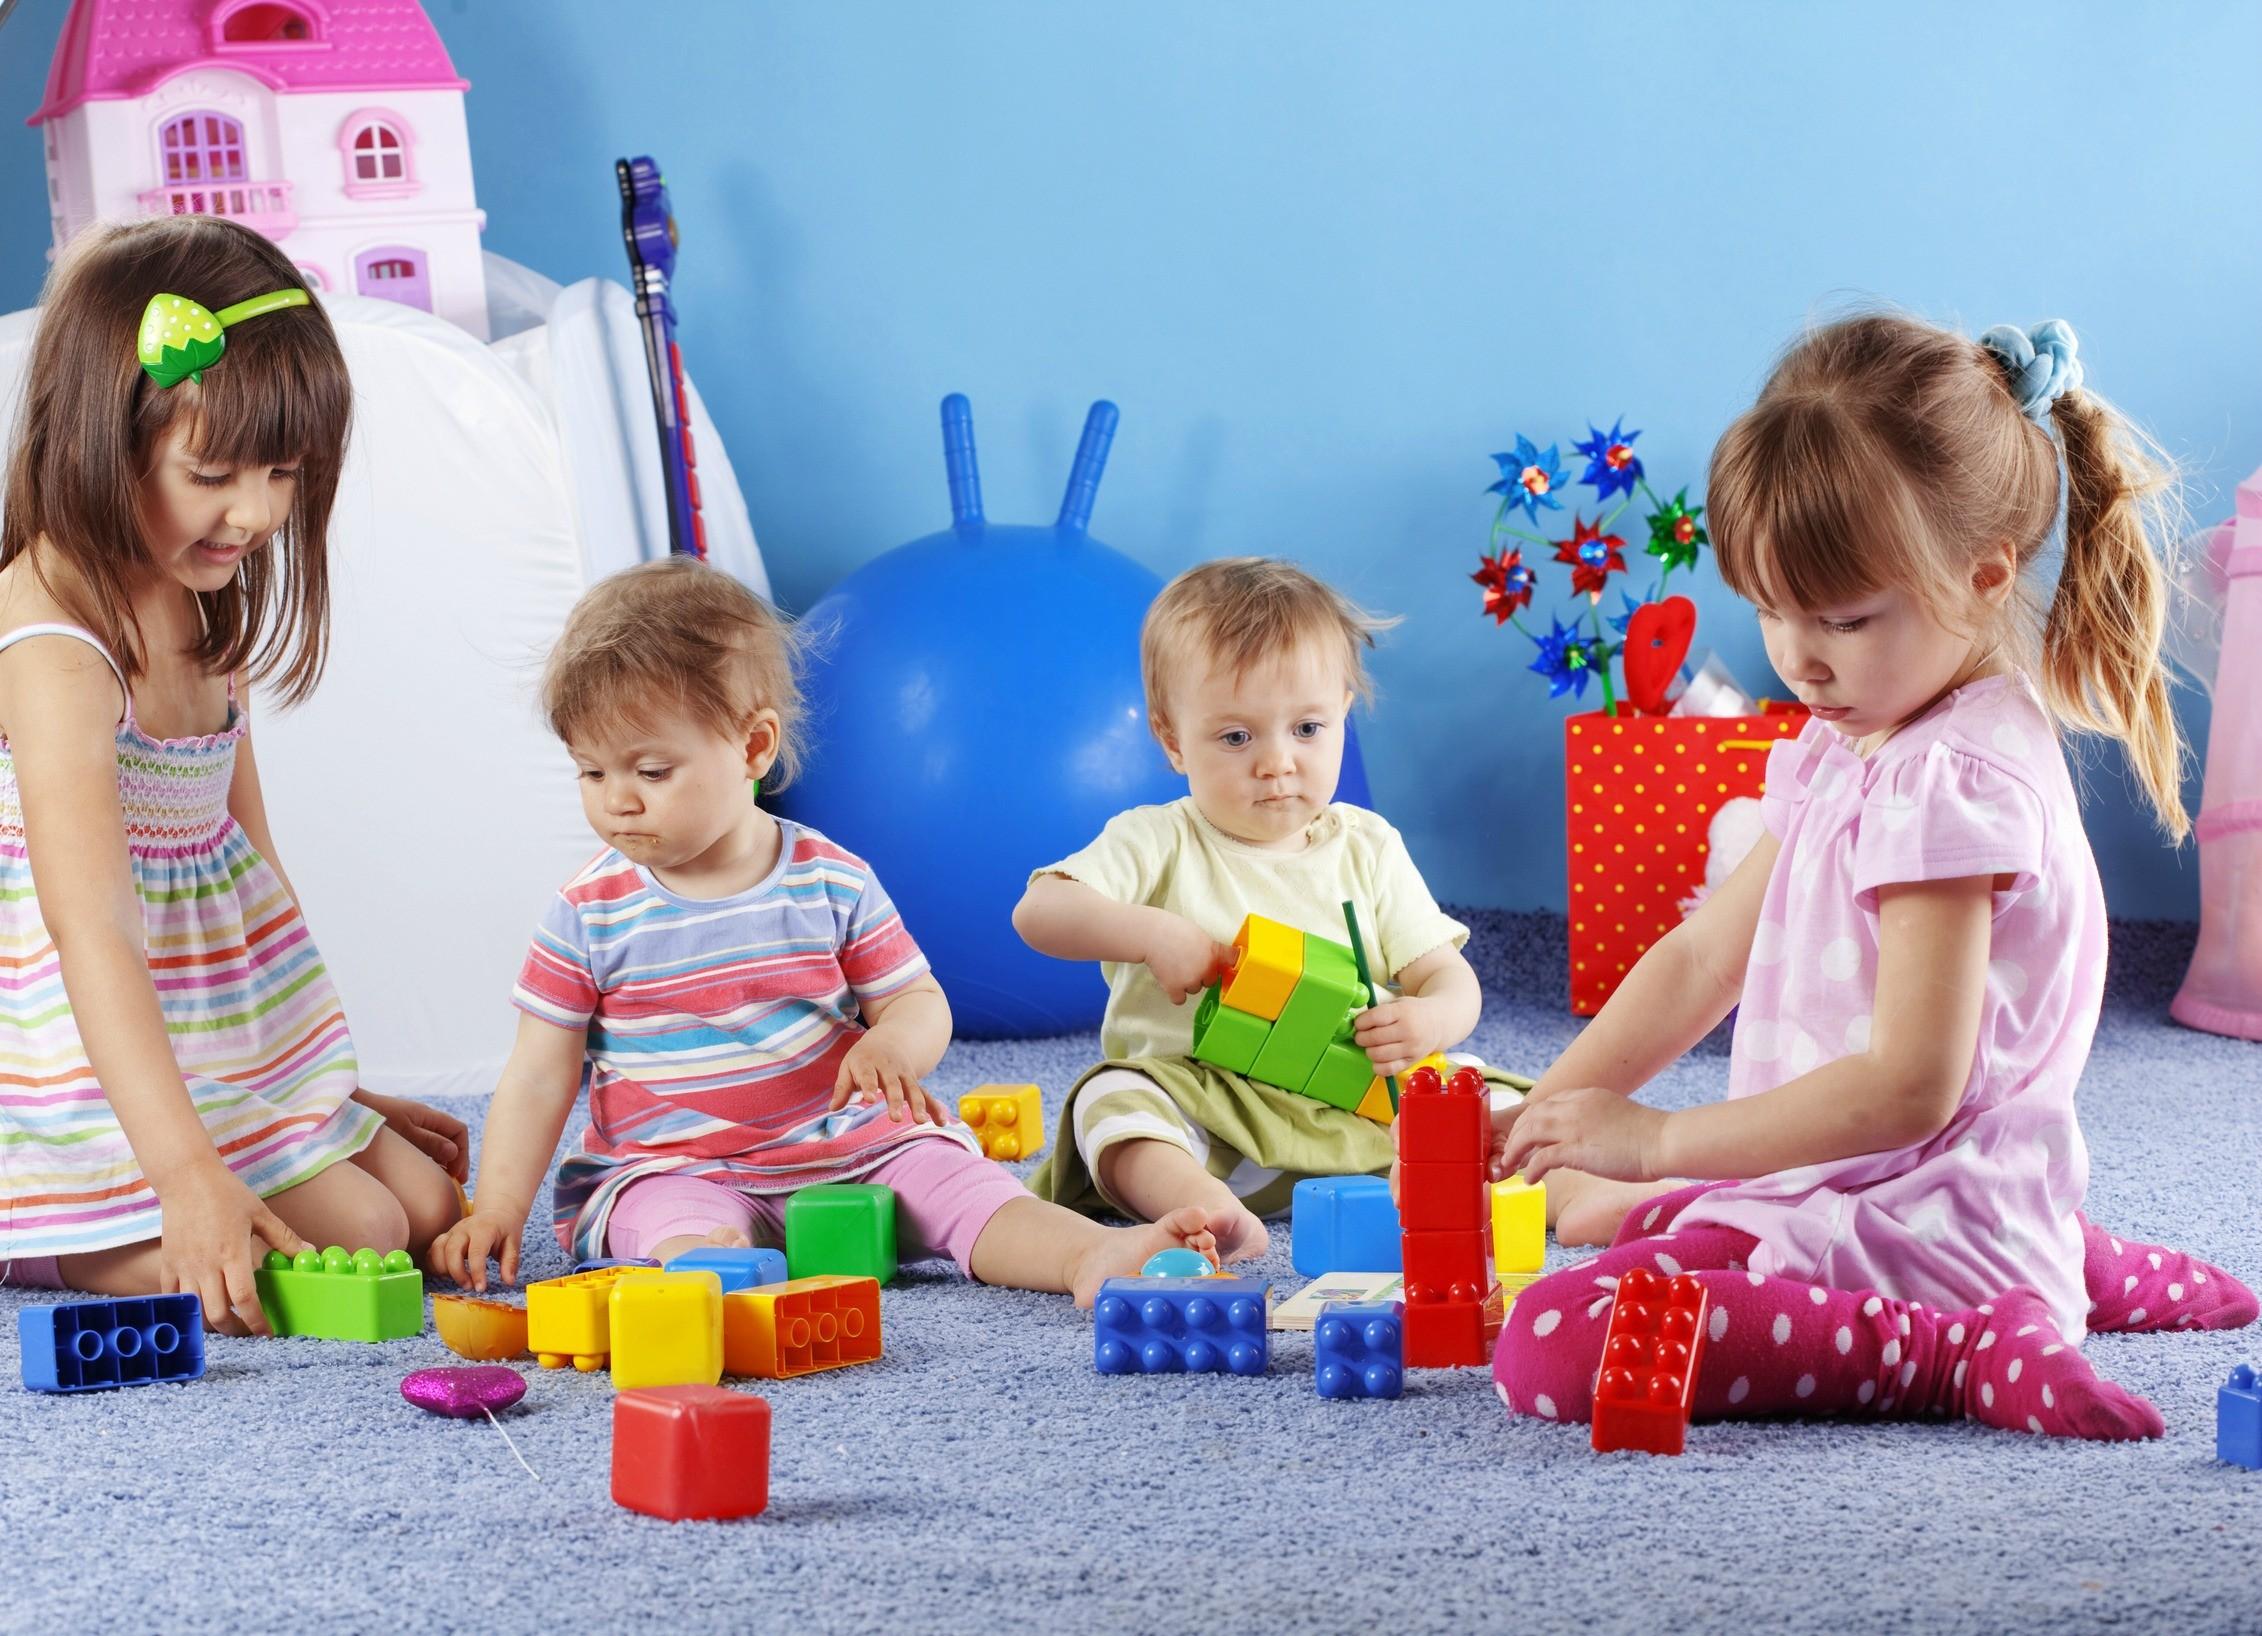 Ученые узнали, скакого возраста дети могут запоминать слова